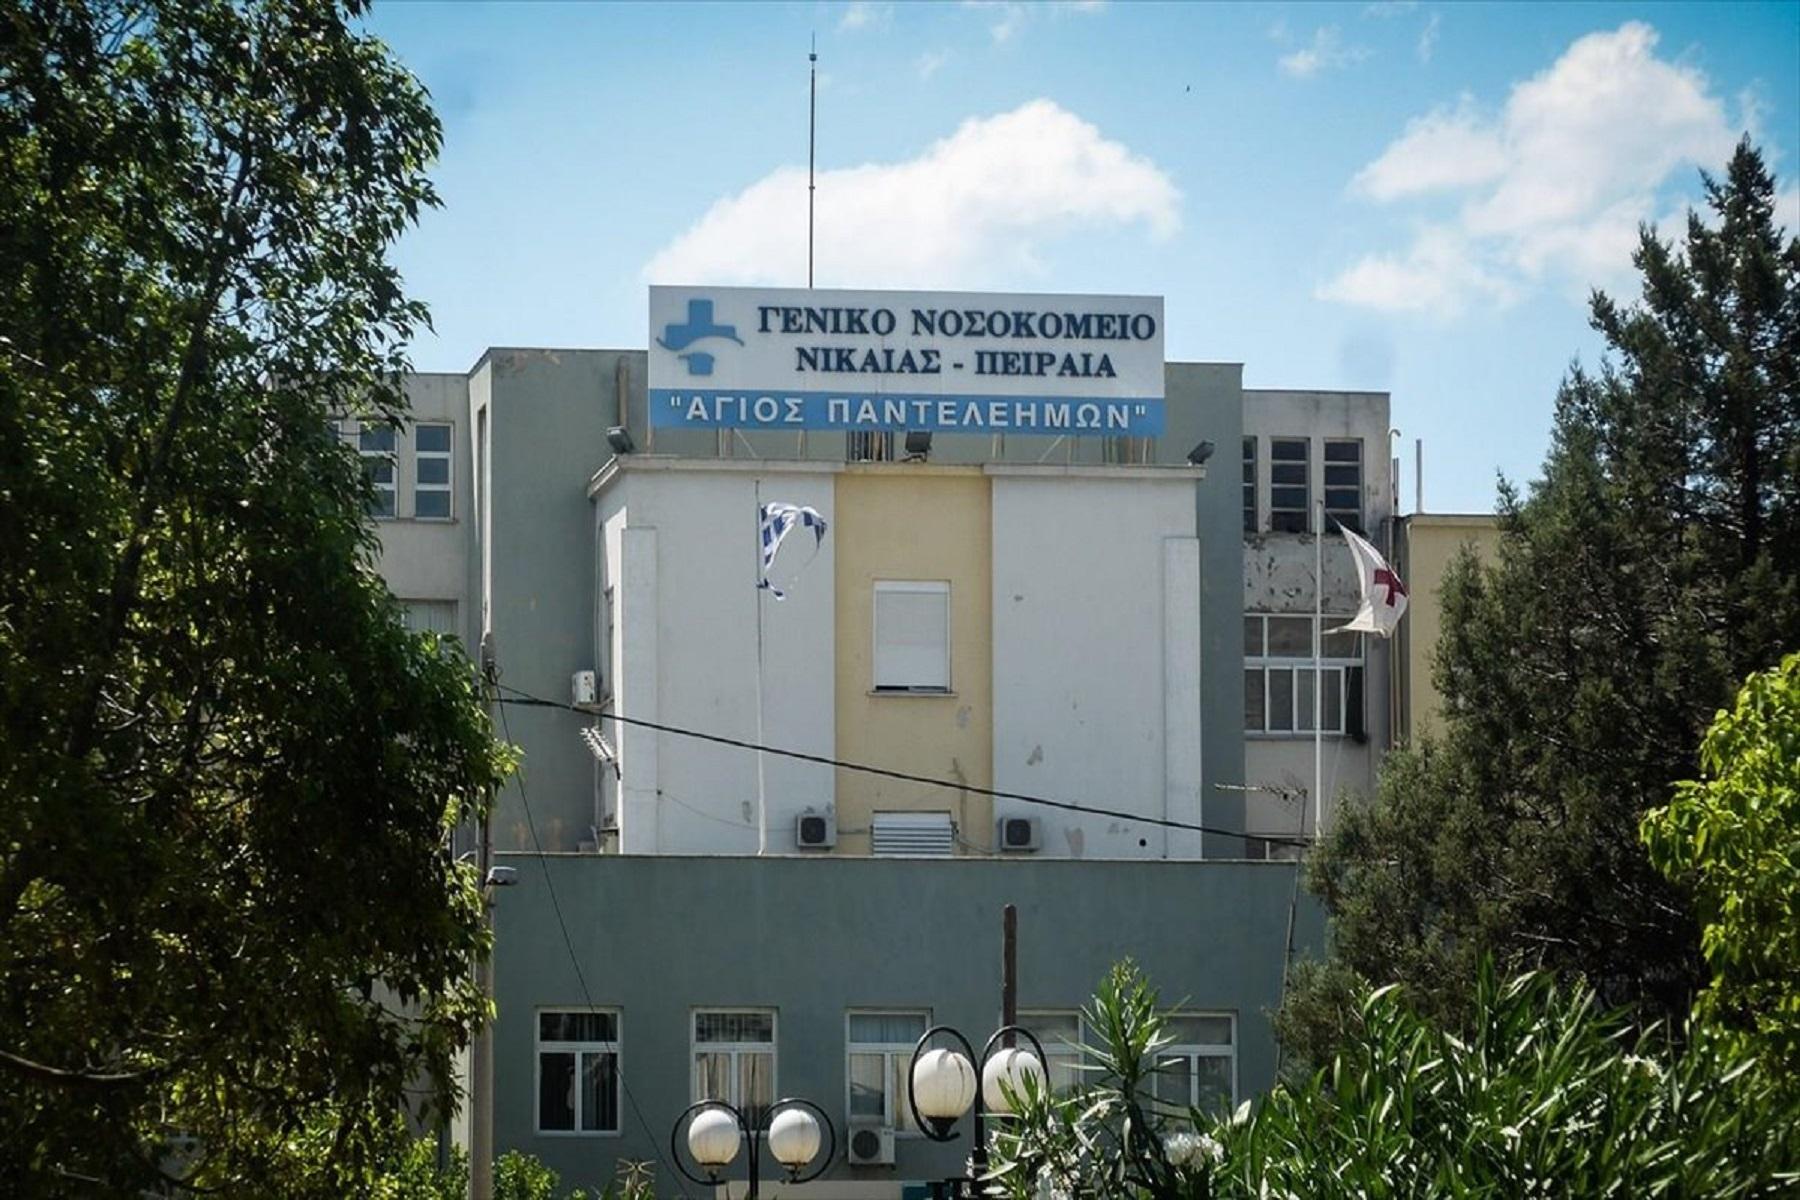 Νοσοκομείο Νίκαια: Δωρητές 12 κλινών ΜΕΘ οι κ.κ. Μαρινάκης, Φράγκου και η εταιρεία ΙΟΝ